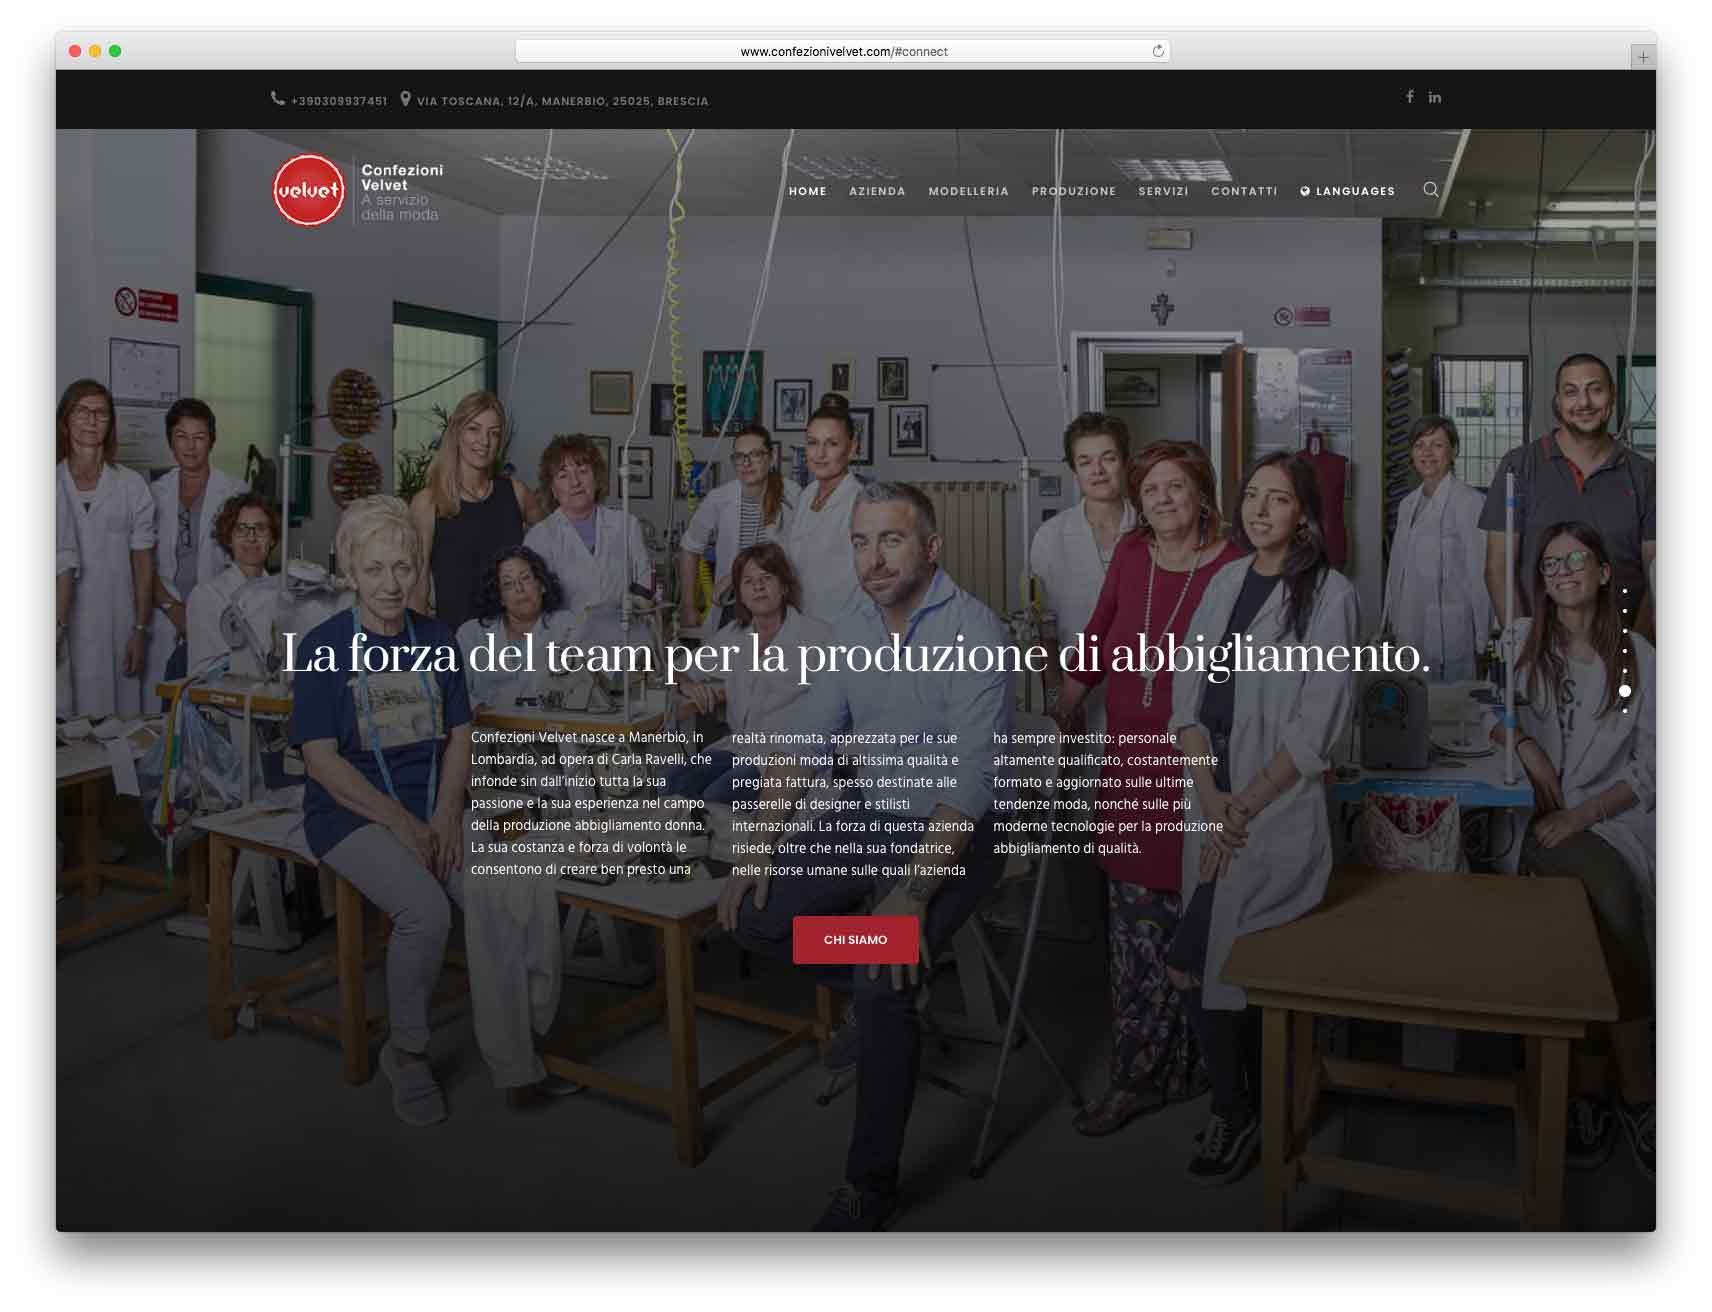 creazione siti web brescia - Agenzia P - sito web Confezioni Velvet